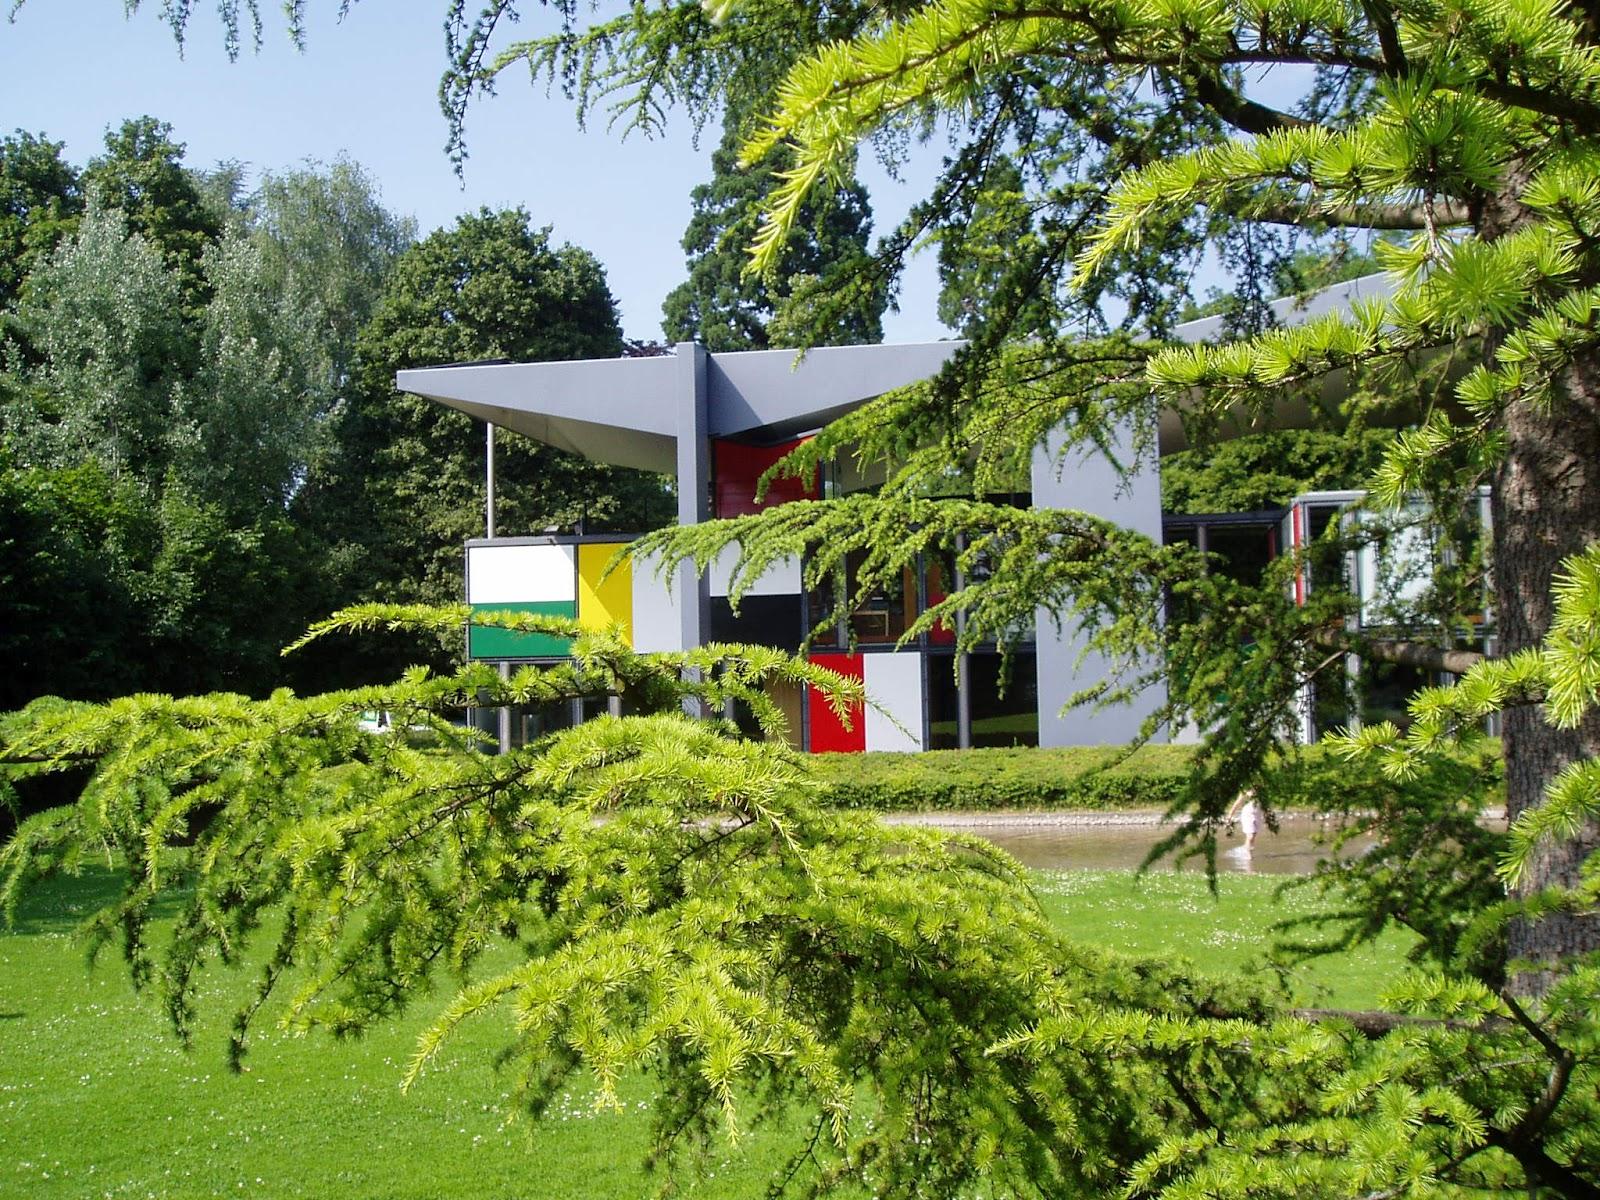 Padiglione Heidi Weber, detto Maison de l'homme, Zurigo, Svizzera